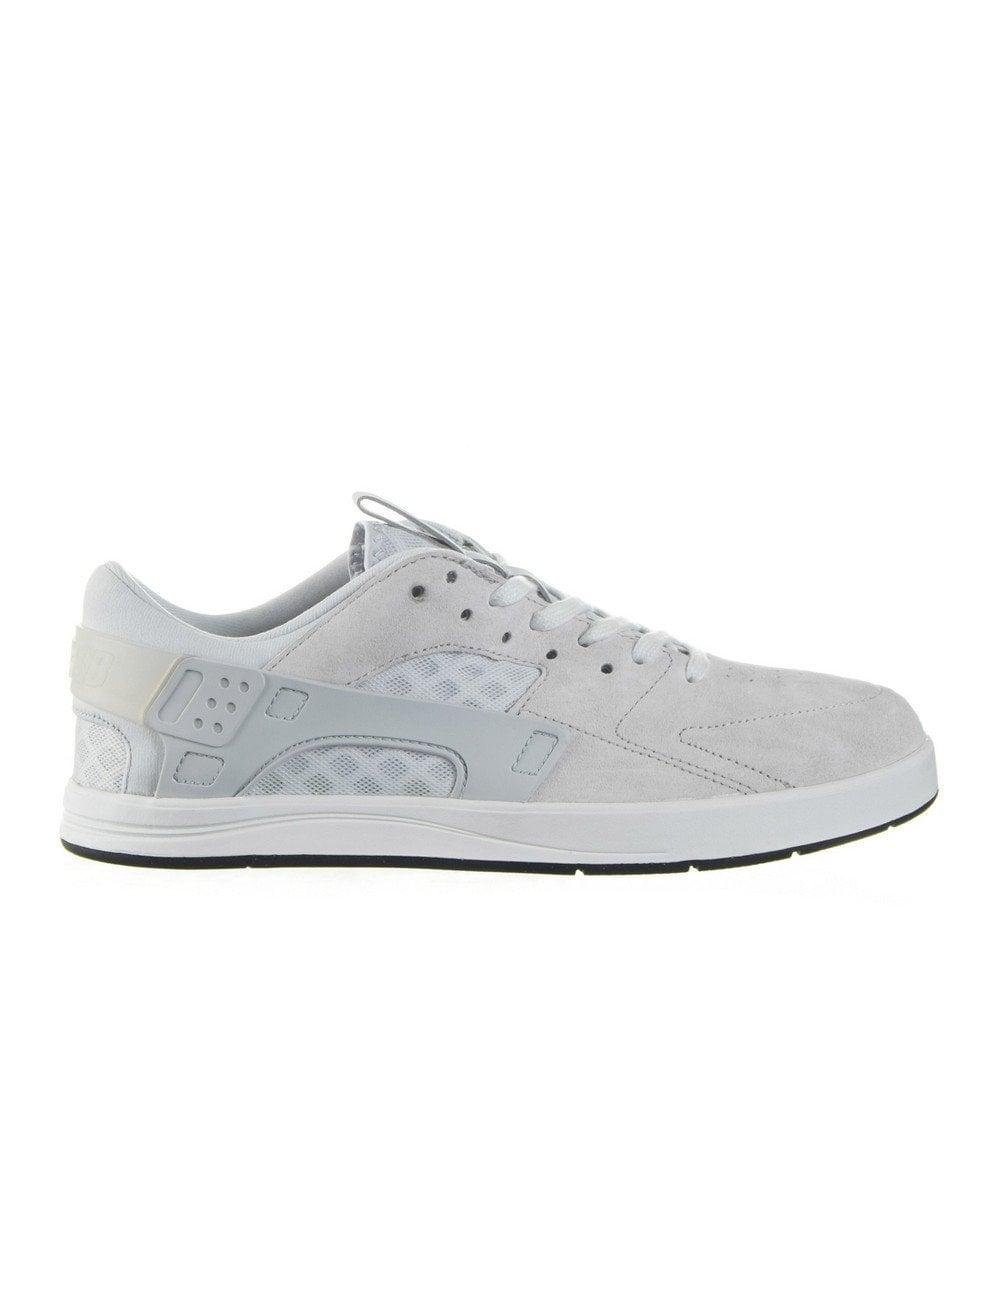 Garanzia di qualità al 100% adatto a uomini/donne la più grande selezione di Nike SB Eric Koston Huarache - Summit White - Footwear from Fat ...